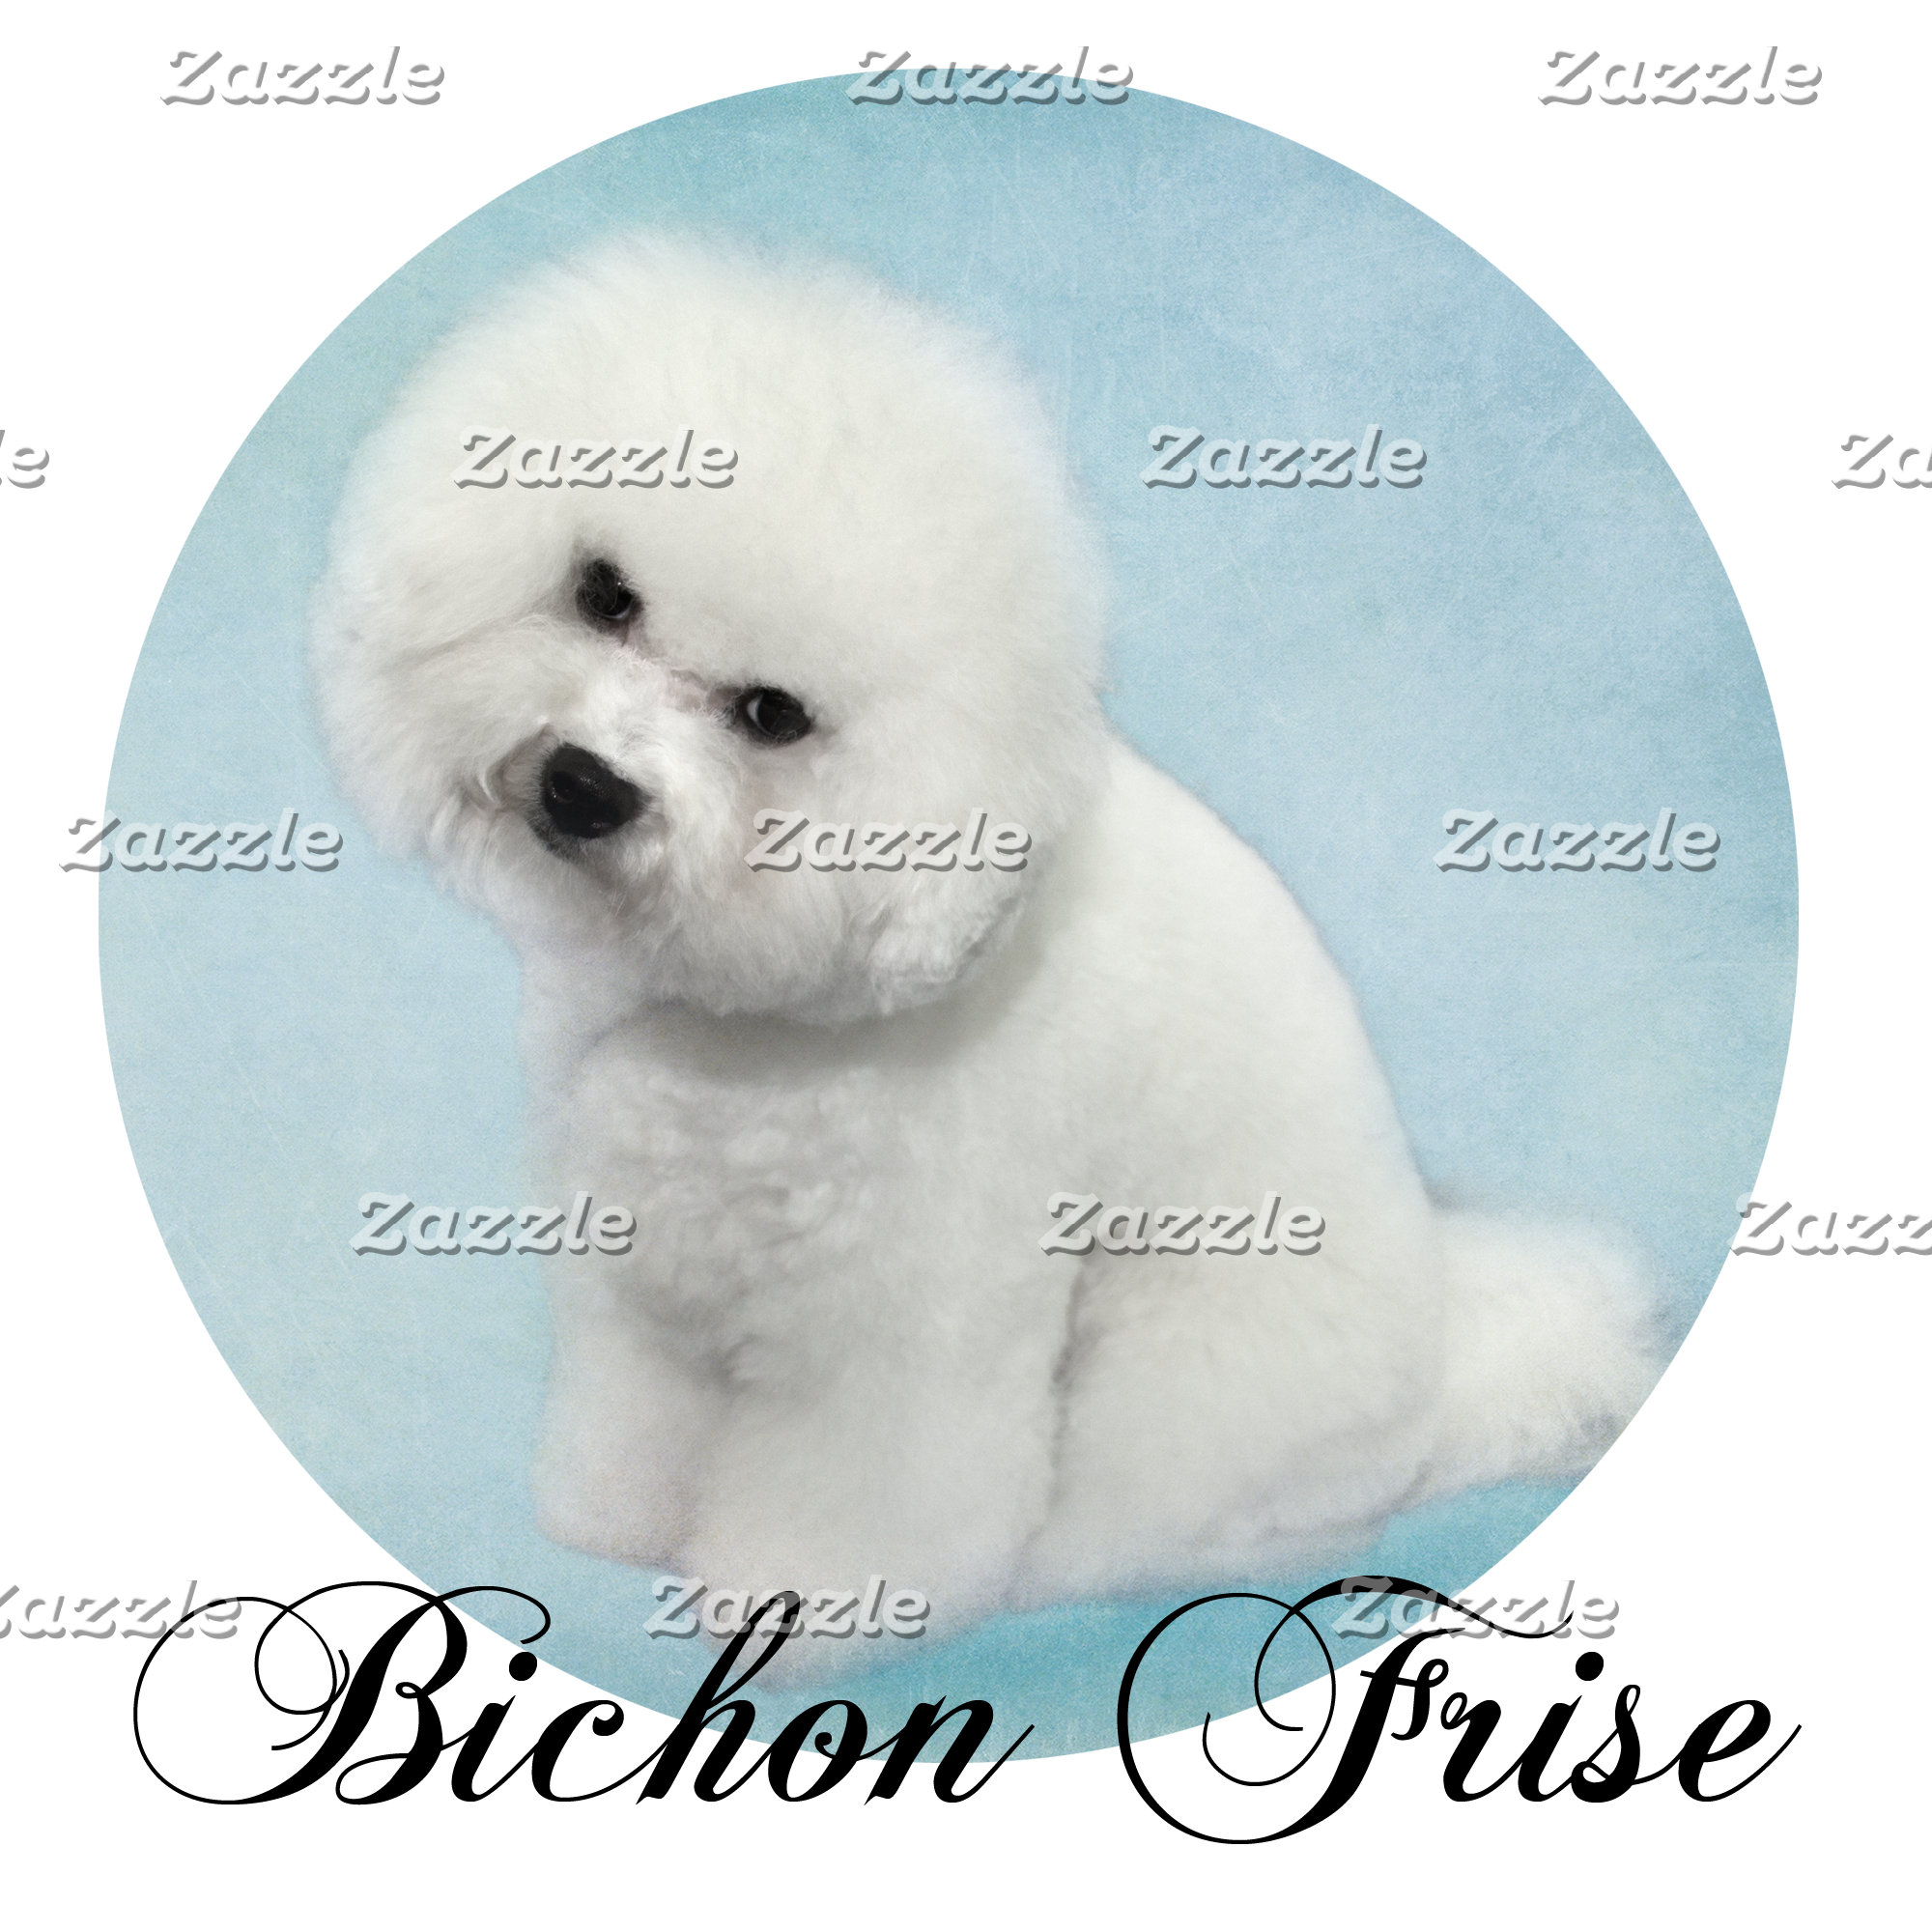 Bichon Frise